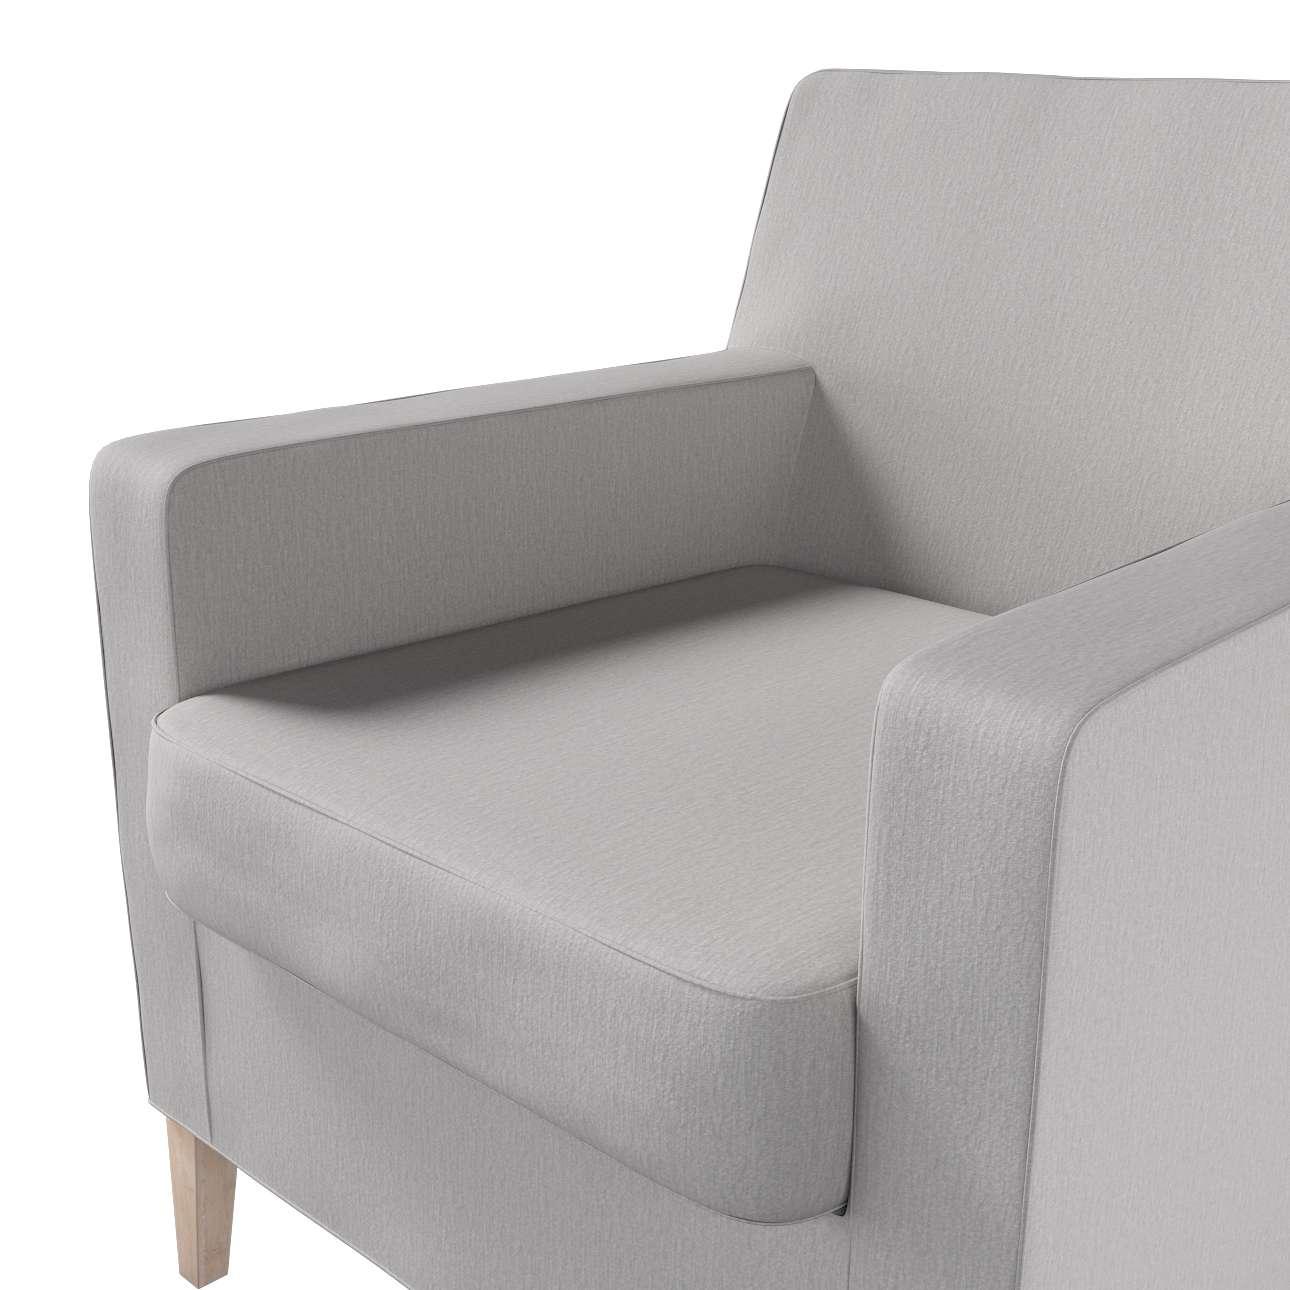 Pokrowiec na fotel Karlstad w kolekcji Chenille, tkanina: 702-23